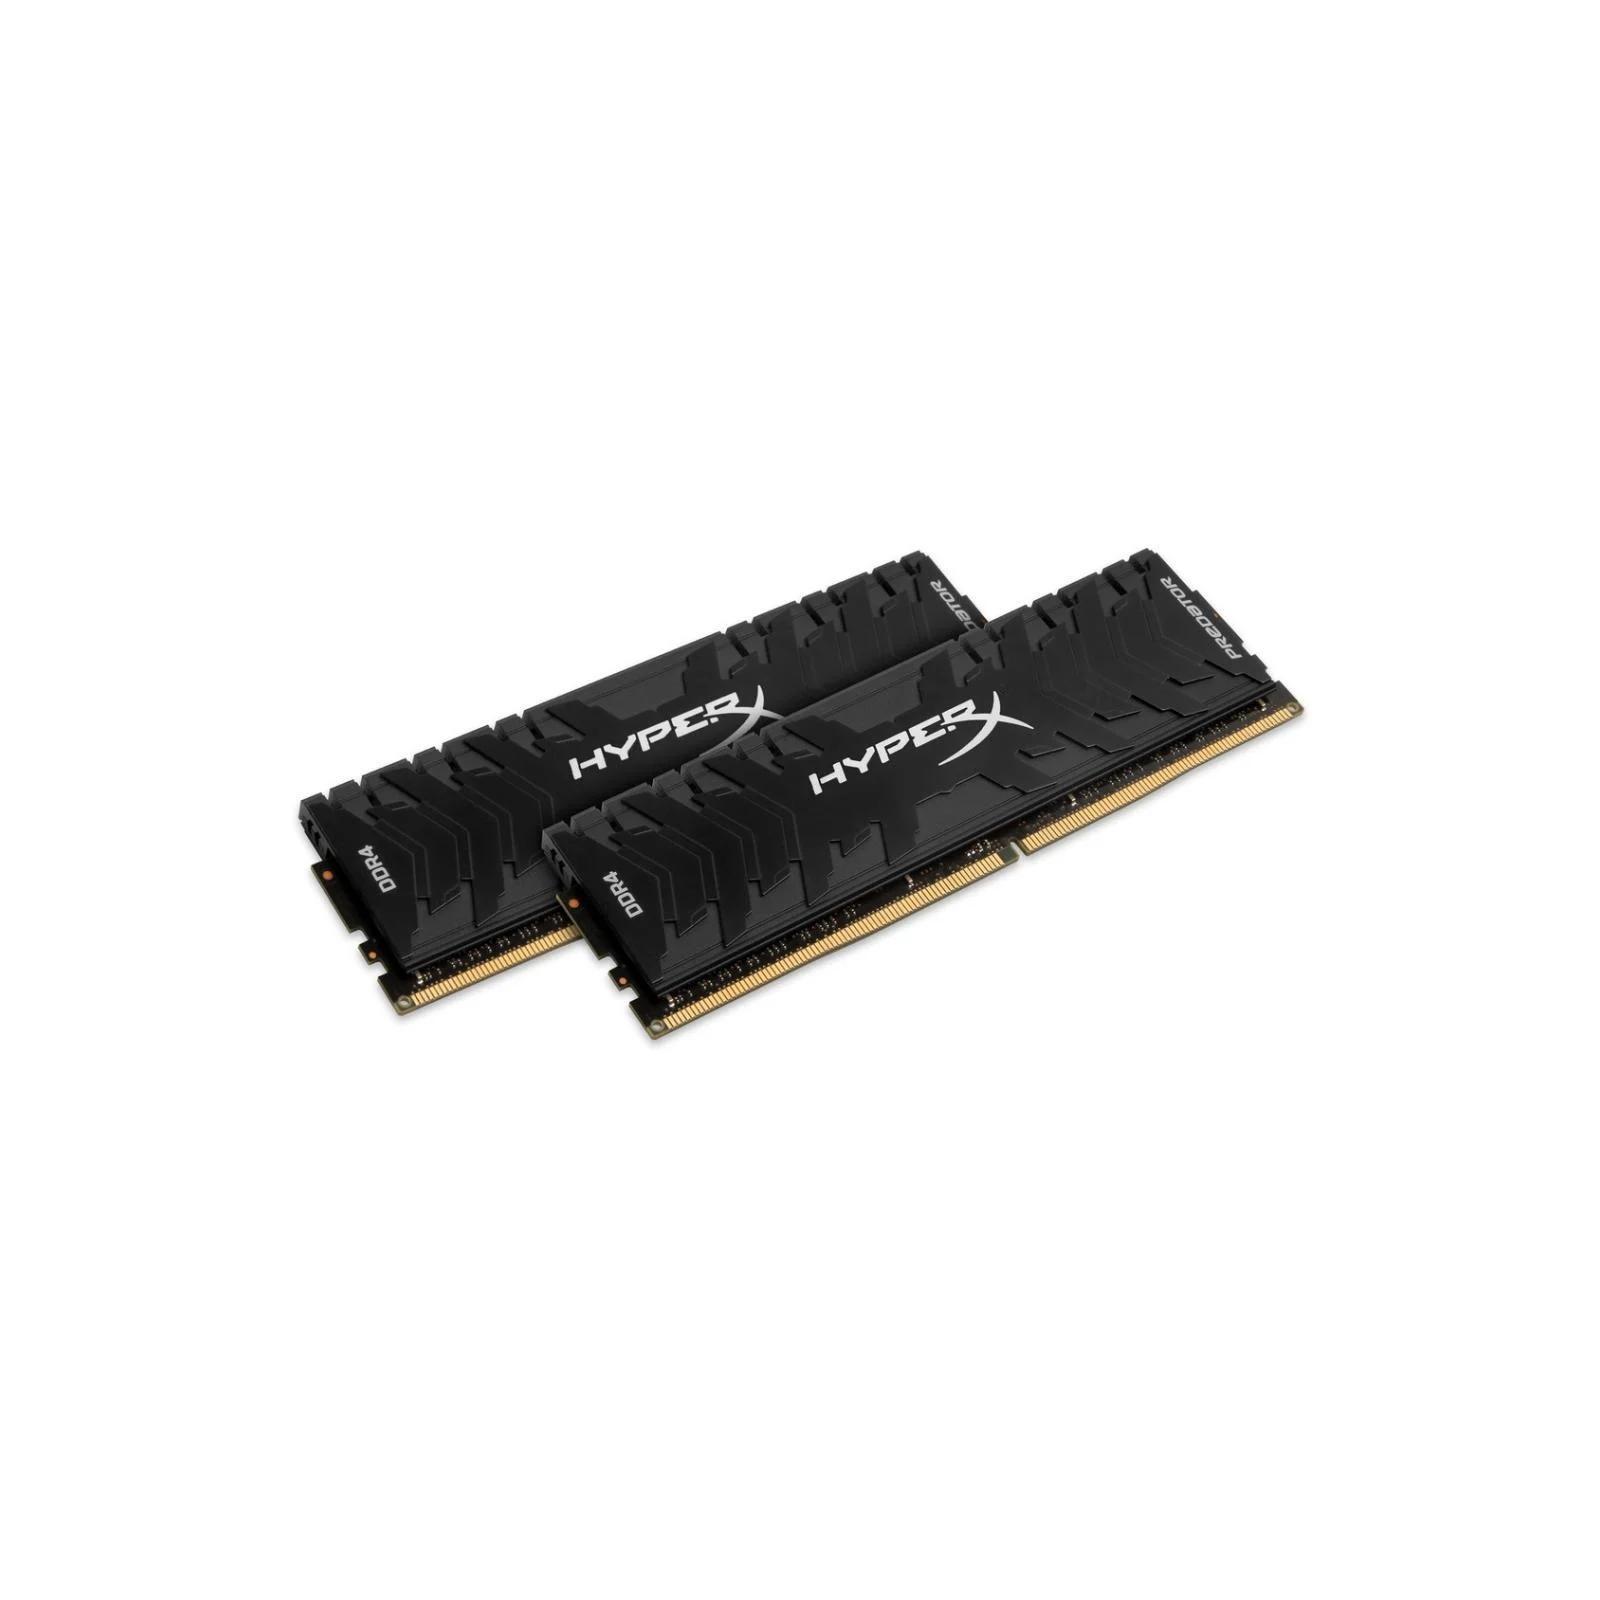 Модуль памяти для компьютера DDR4 16GB (2x8GB) 3600 MHz HyperX Predator RGB Kingston (HX436C17PB4AK2/16) изображение 4